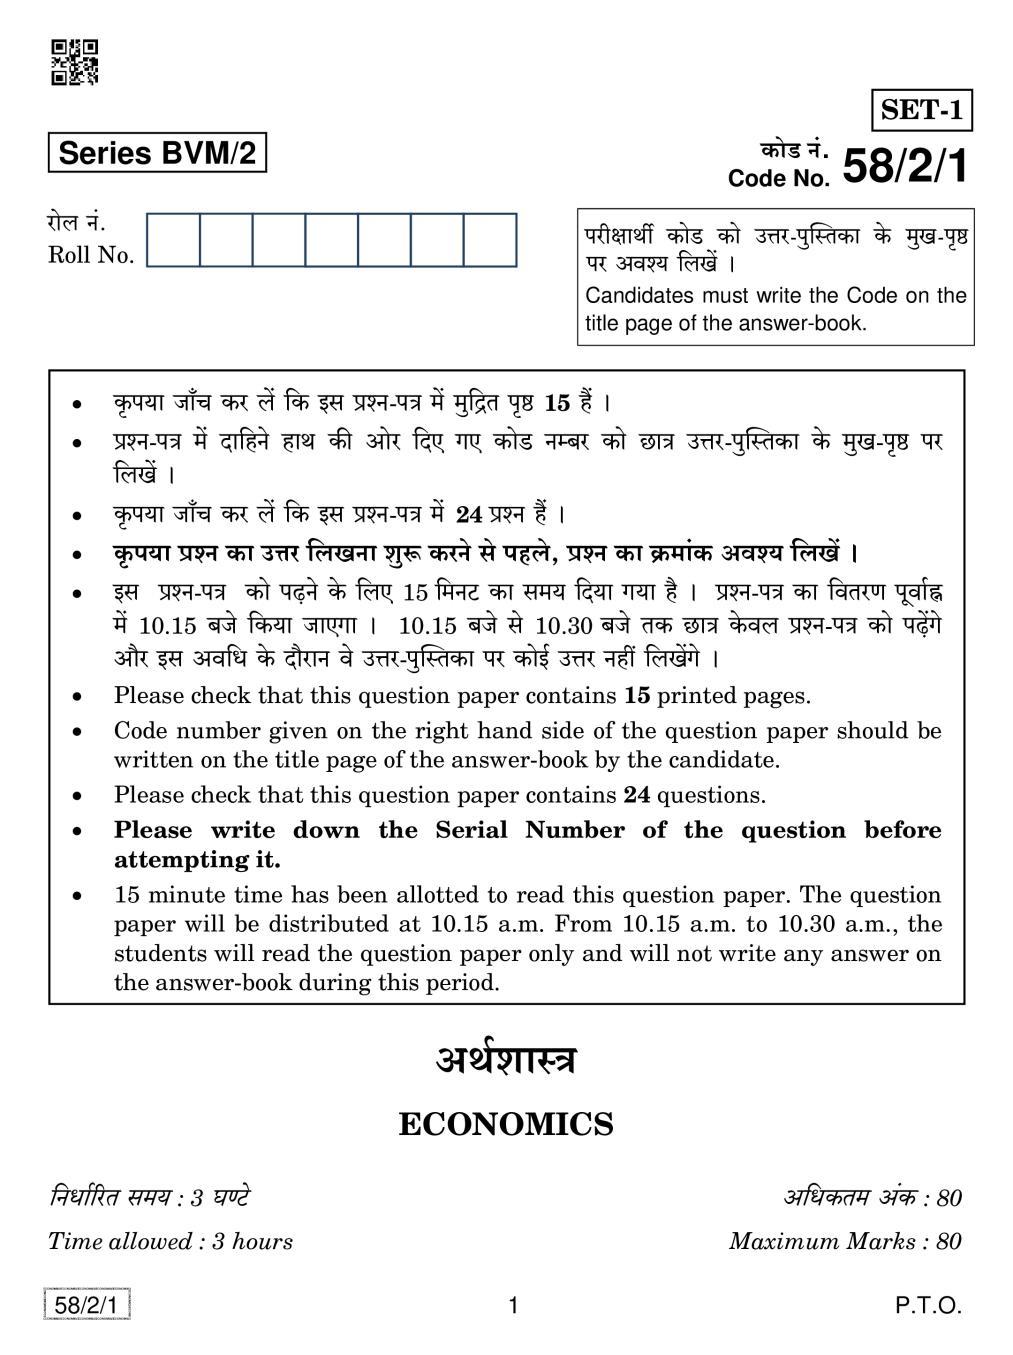 CBSE Class 12 Economics Question Paper 2019 Set 2 - Page 1